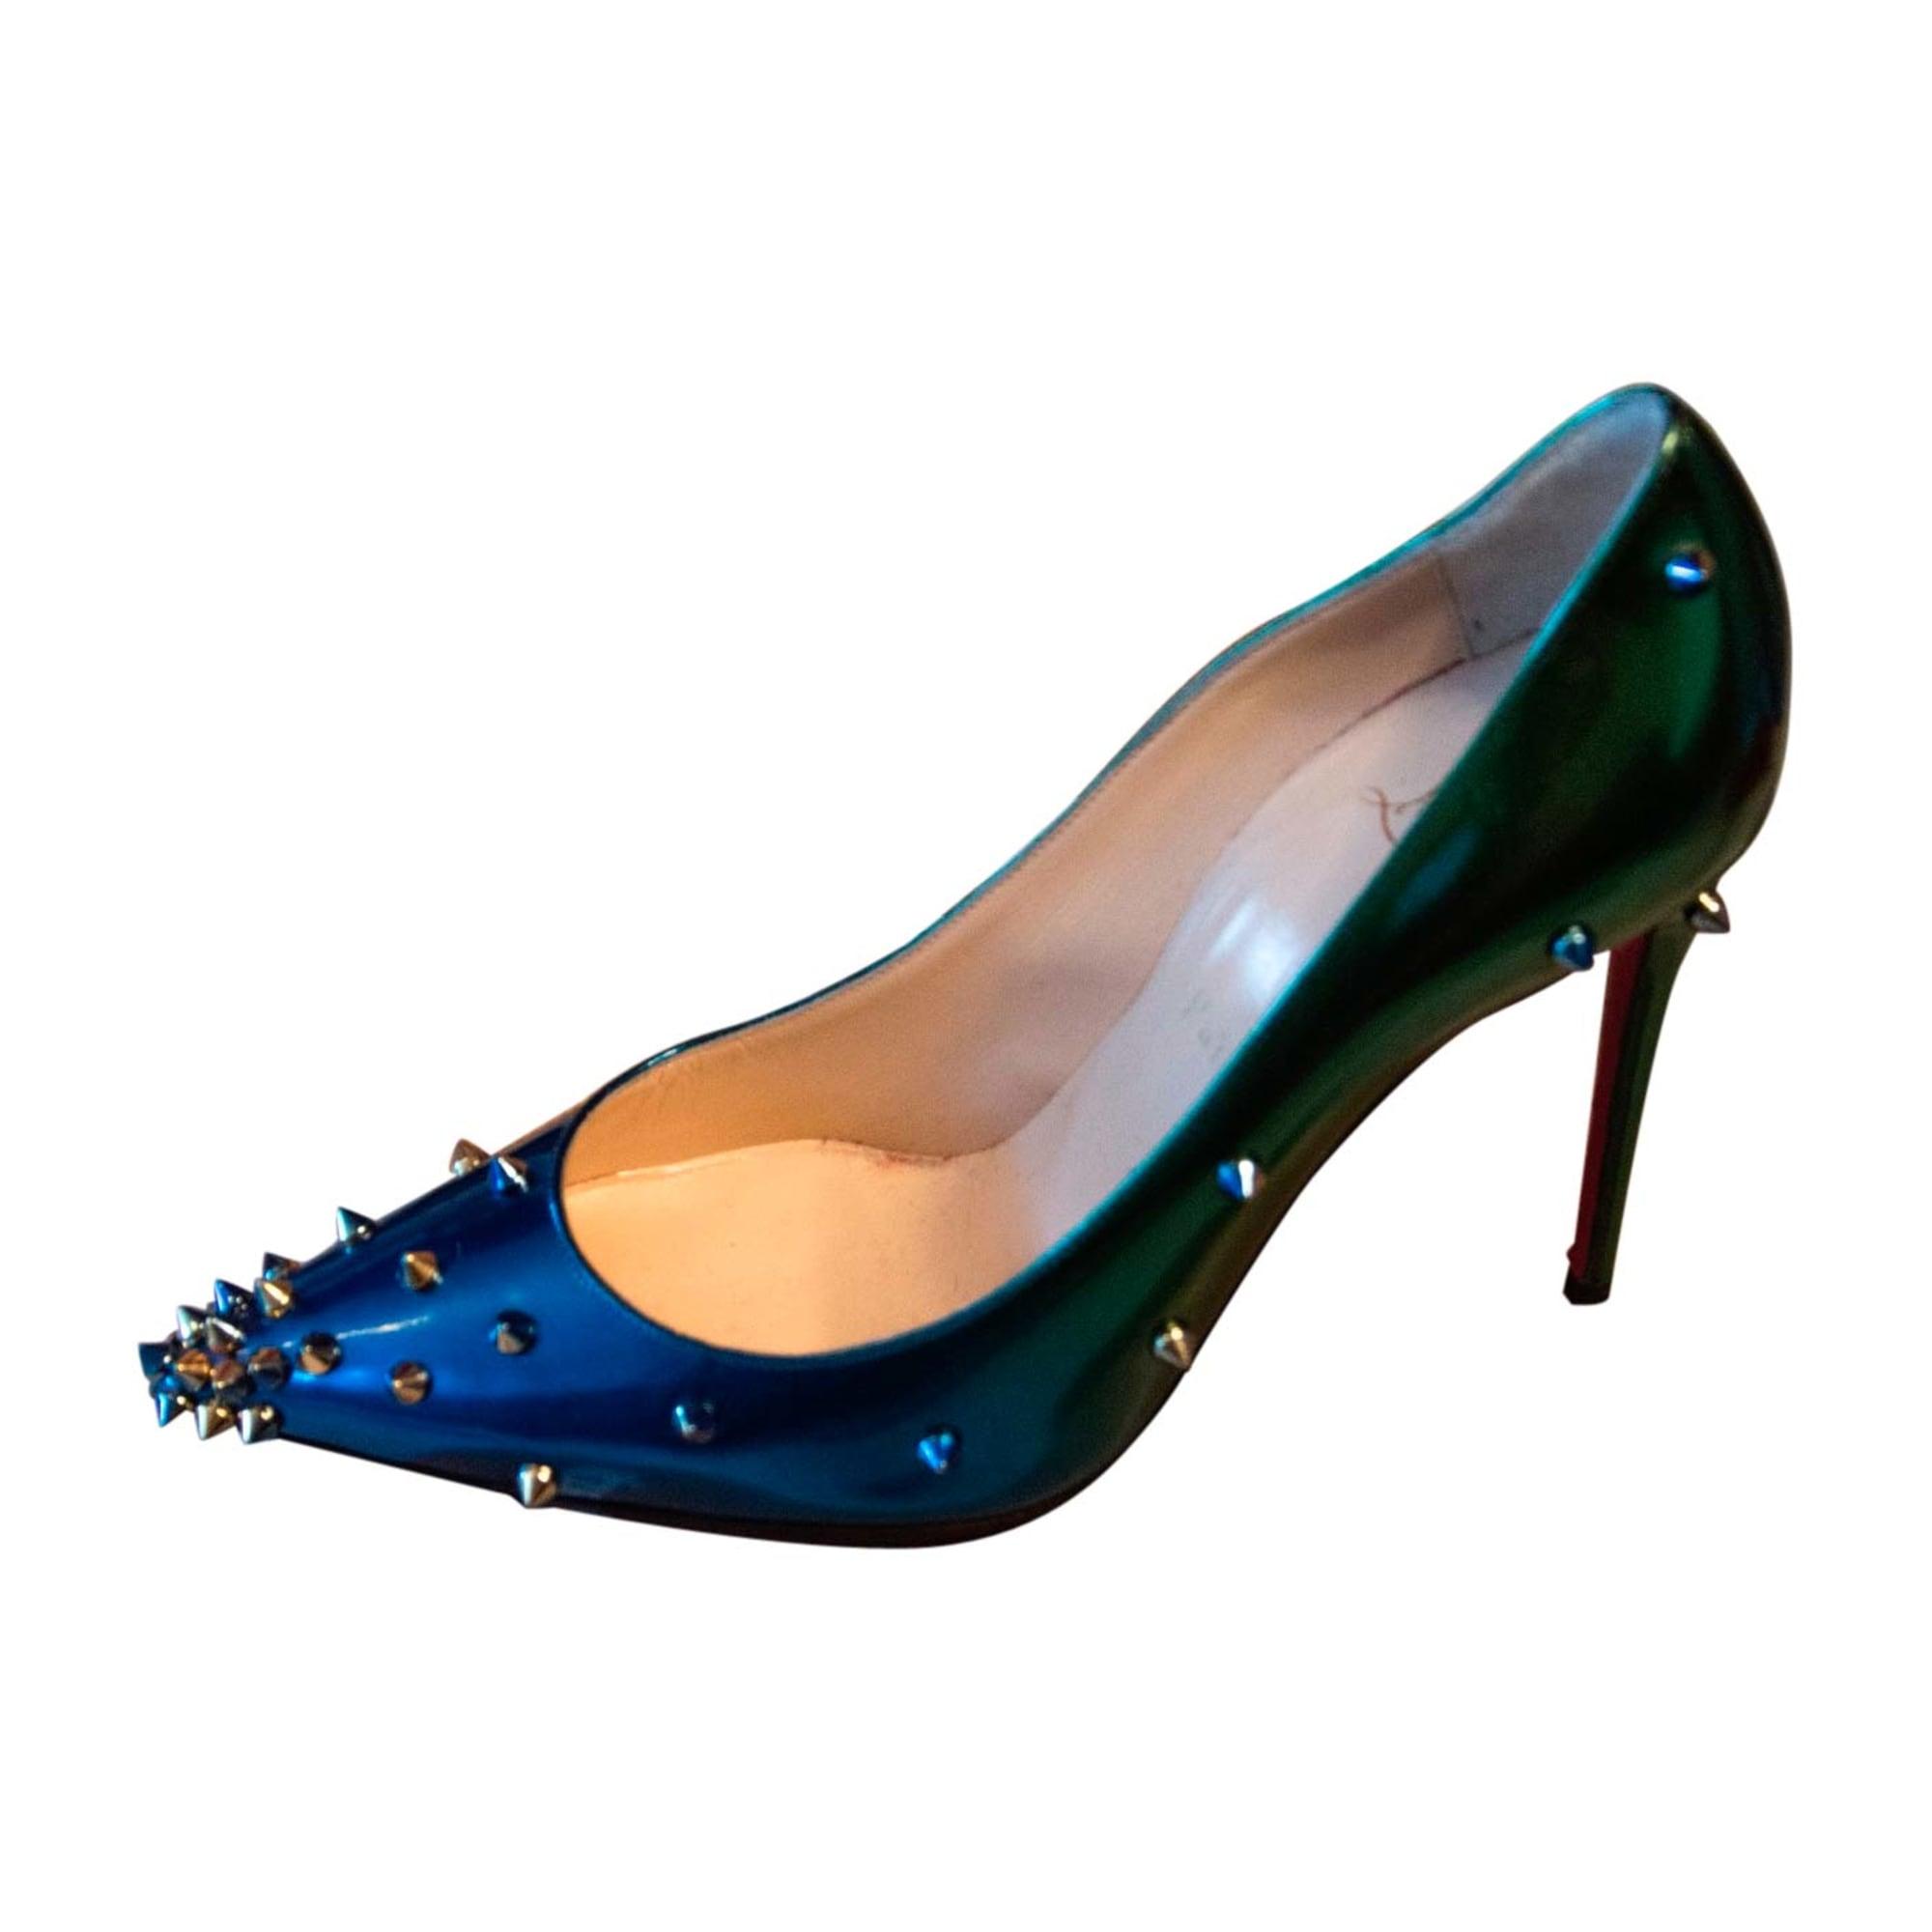 escarpins bleus louboutin